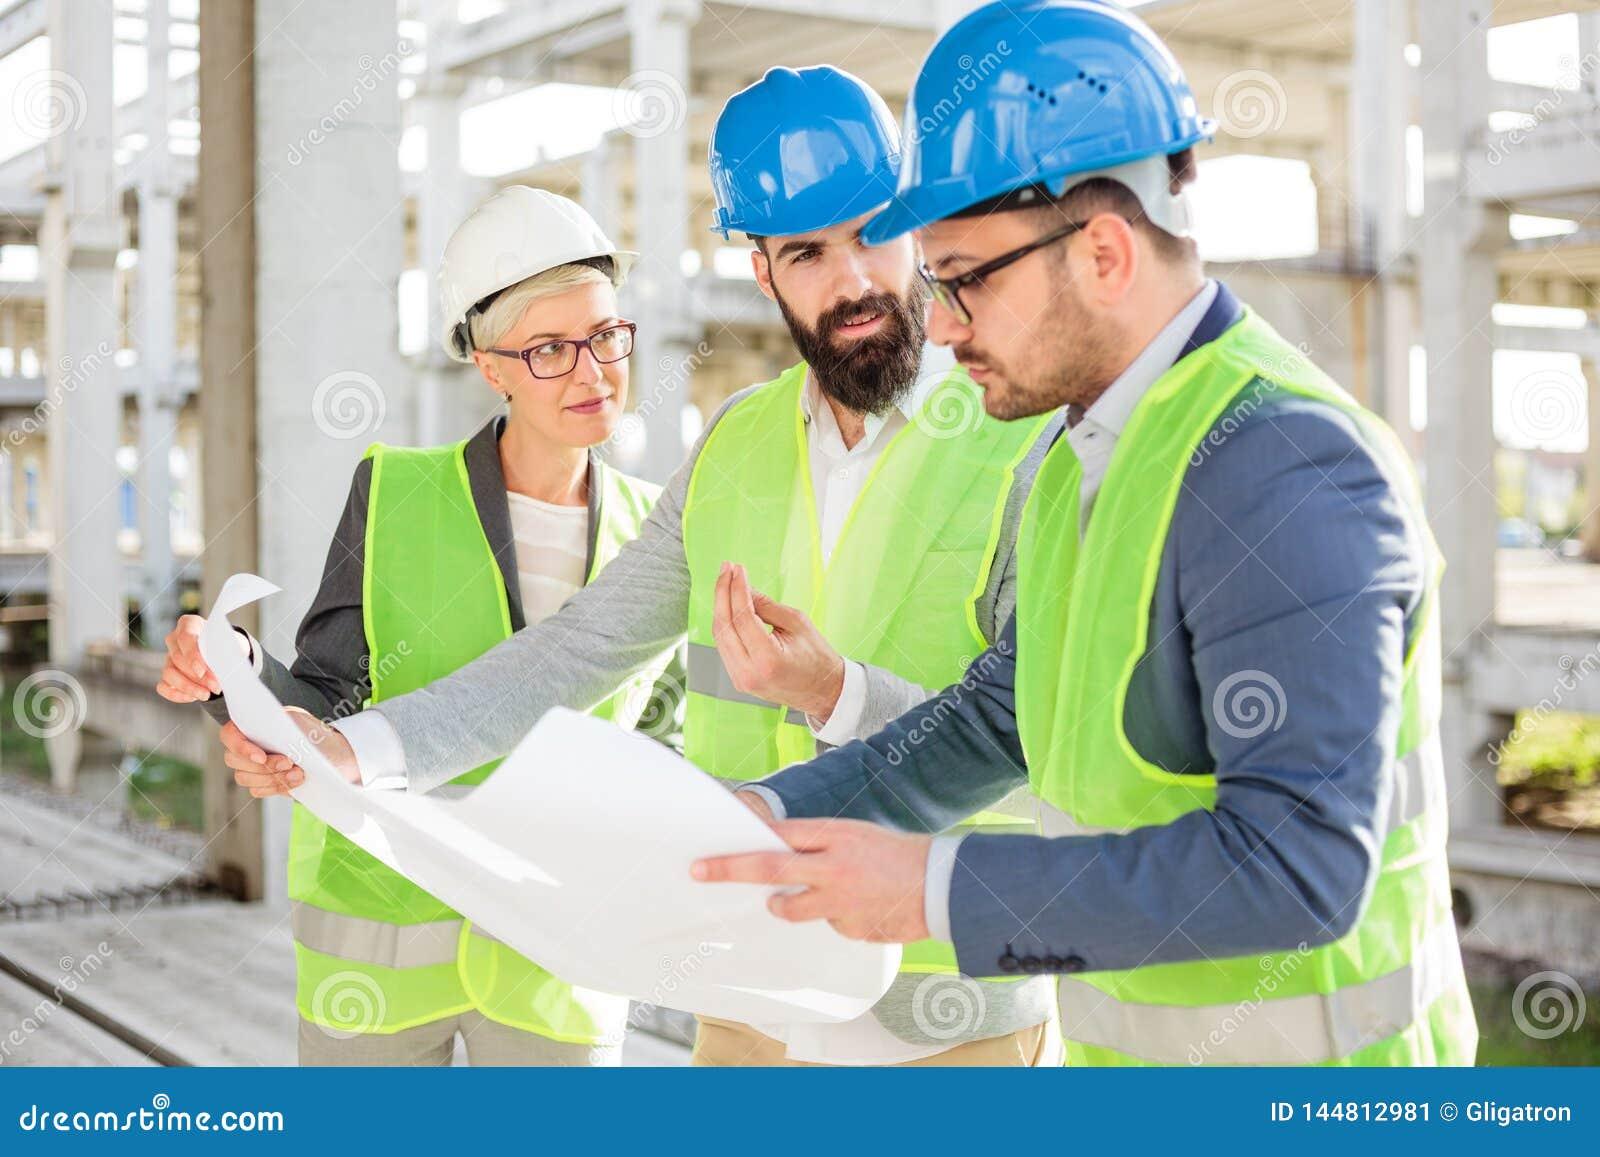 小组的建筑师或开的商务伙伴关于工地工作的会议